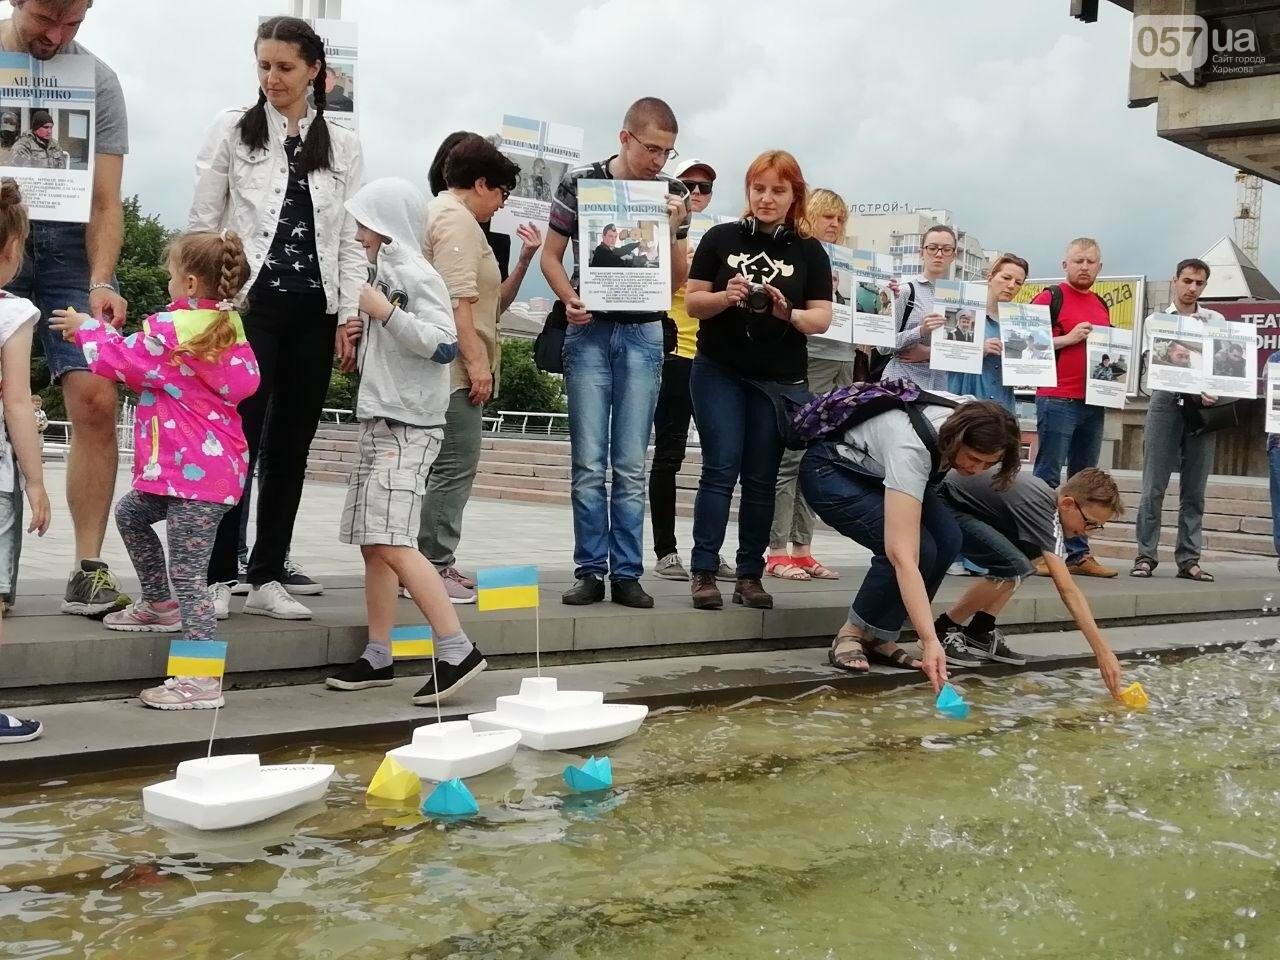 «Верните их в родную гавань»: в Харькове прошла акция в поддержку пленных украинских моряков, - ФОТО, фото-3